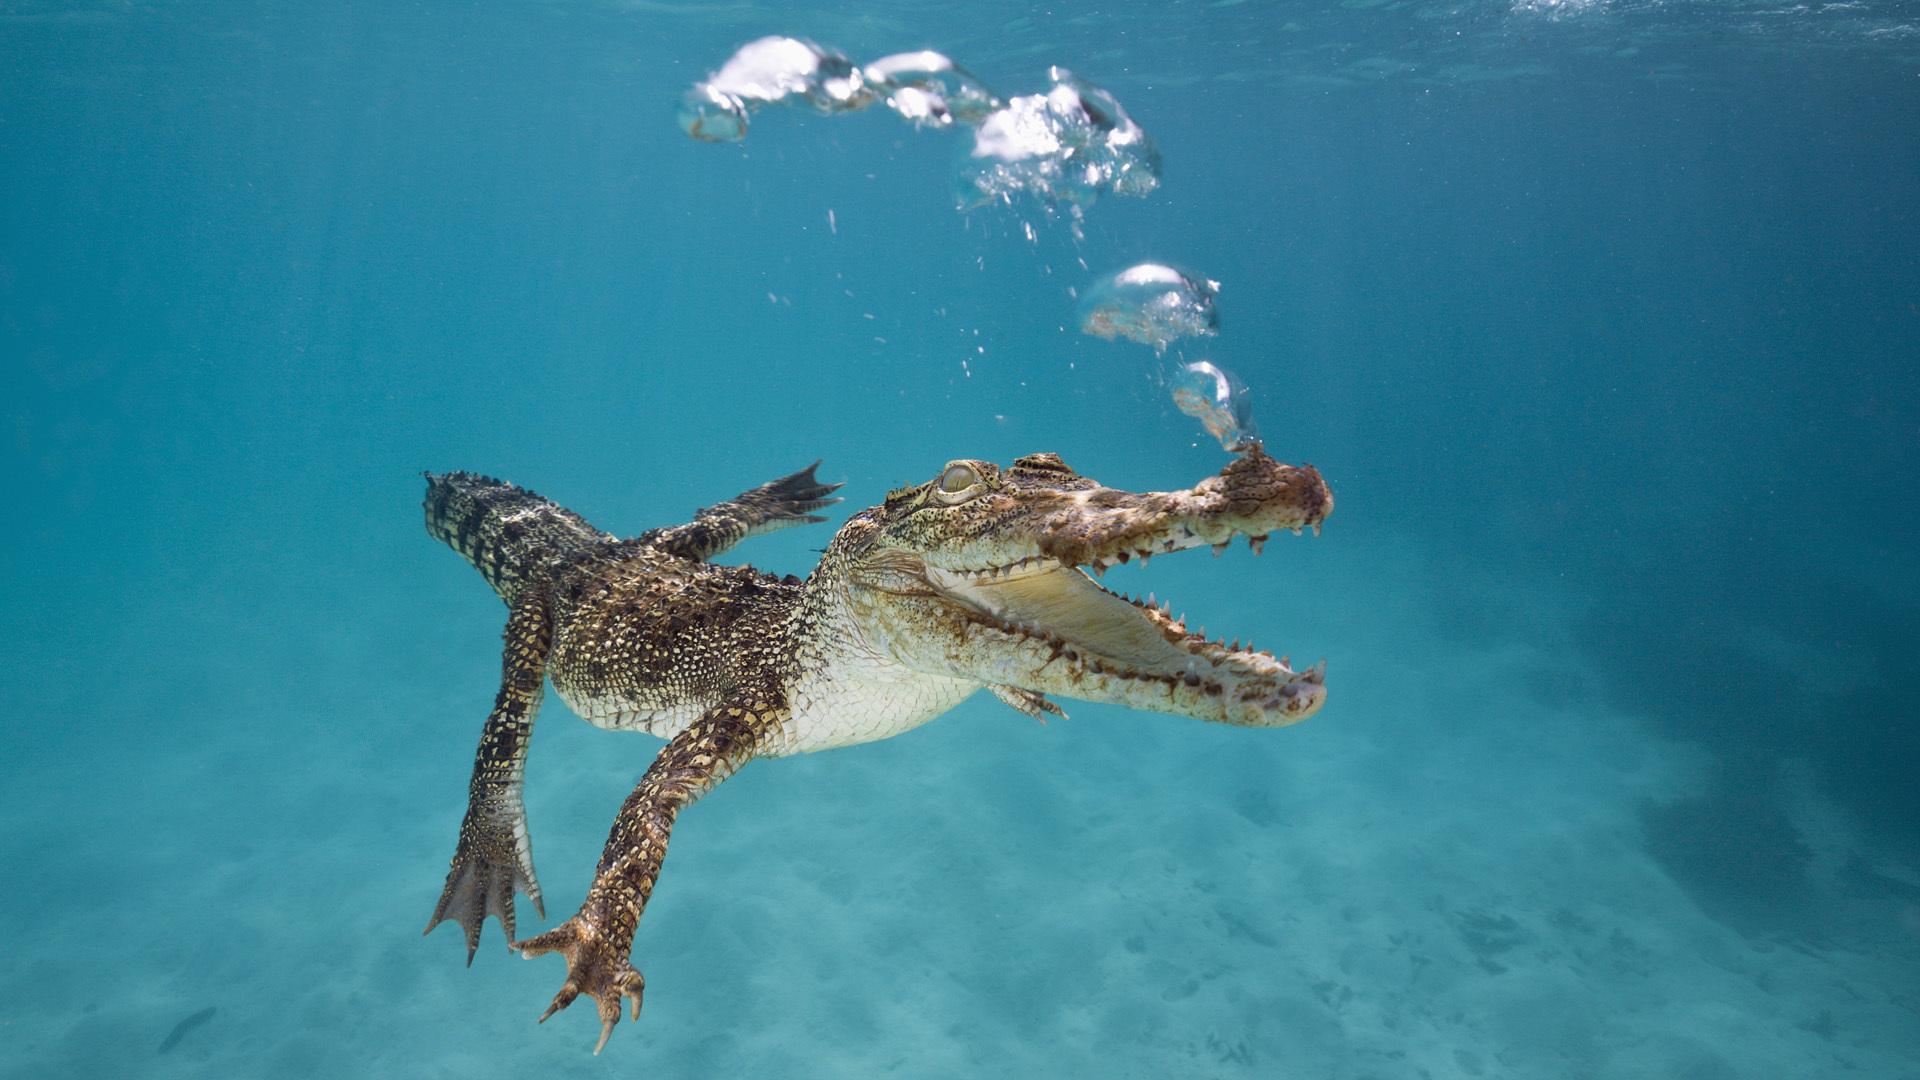 Baixar papel de parede para celular de Crocodiles, Animais gratuito.